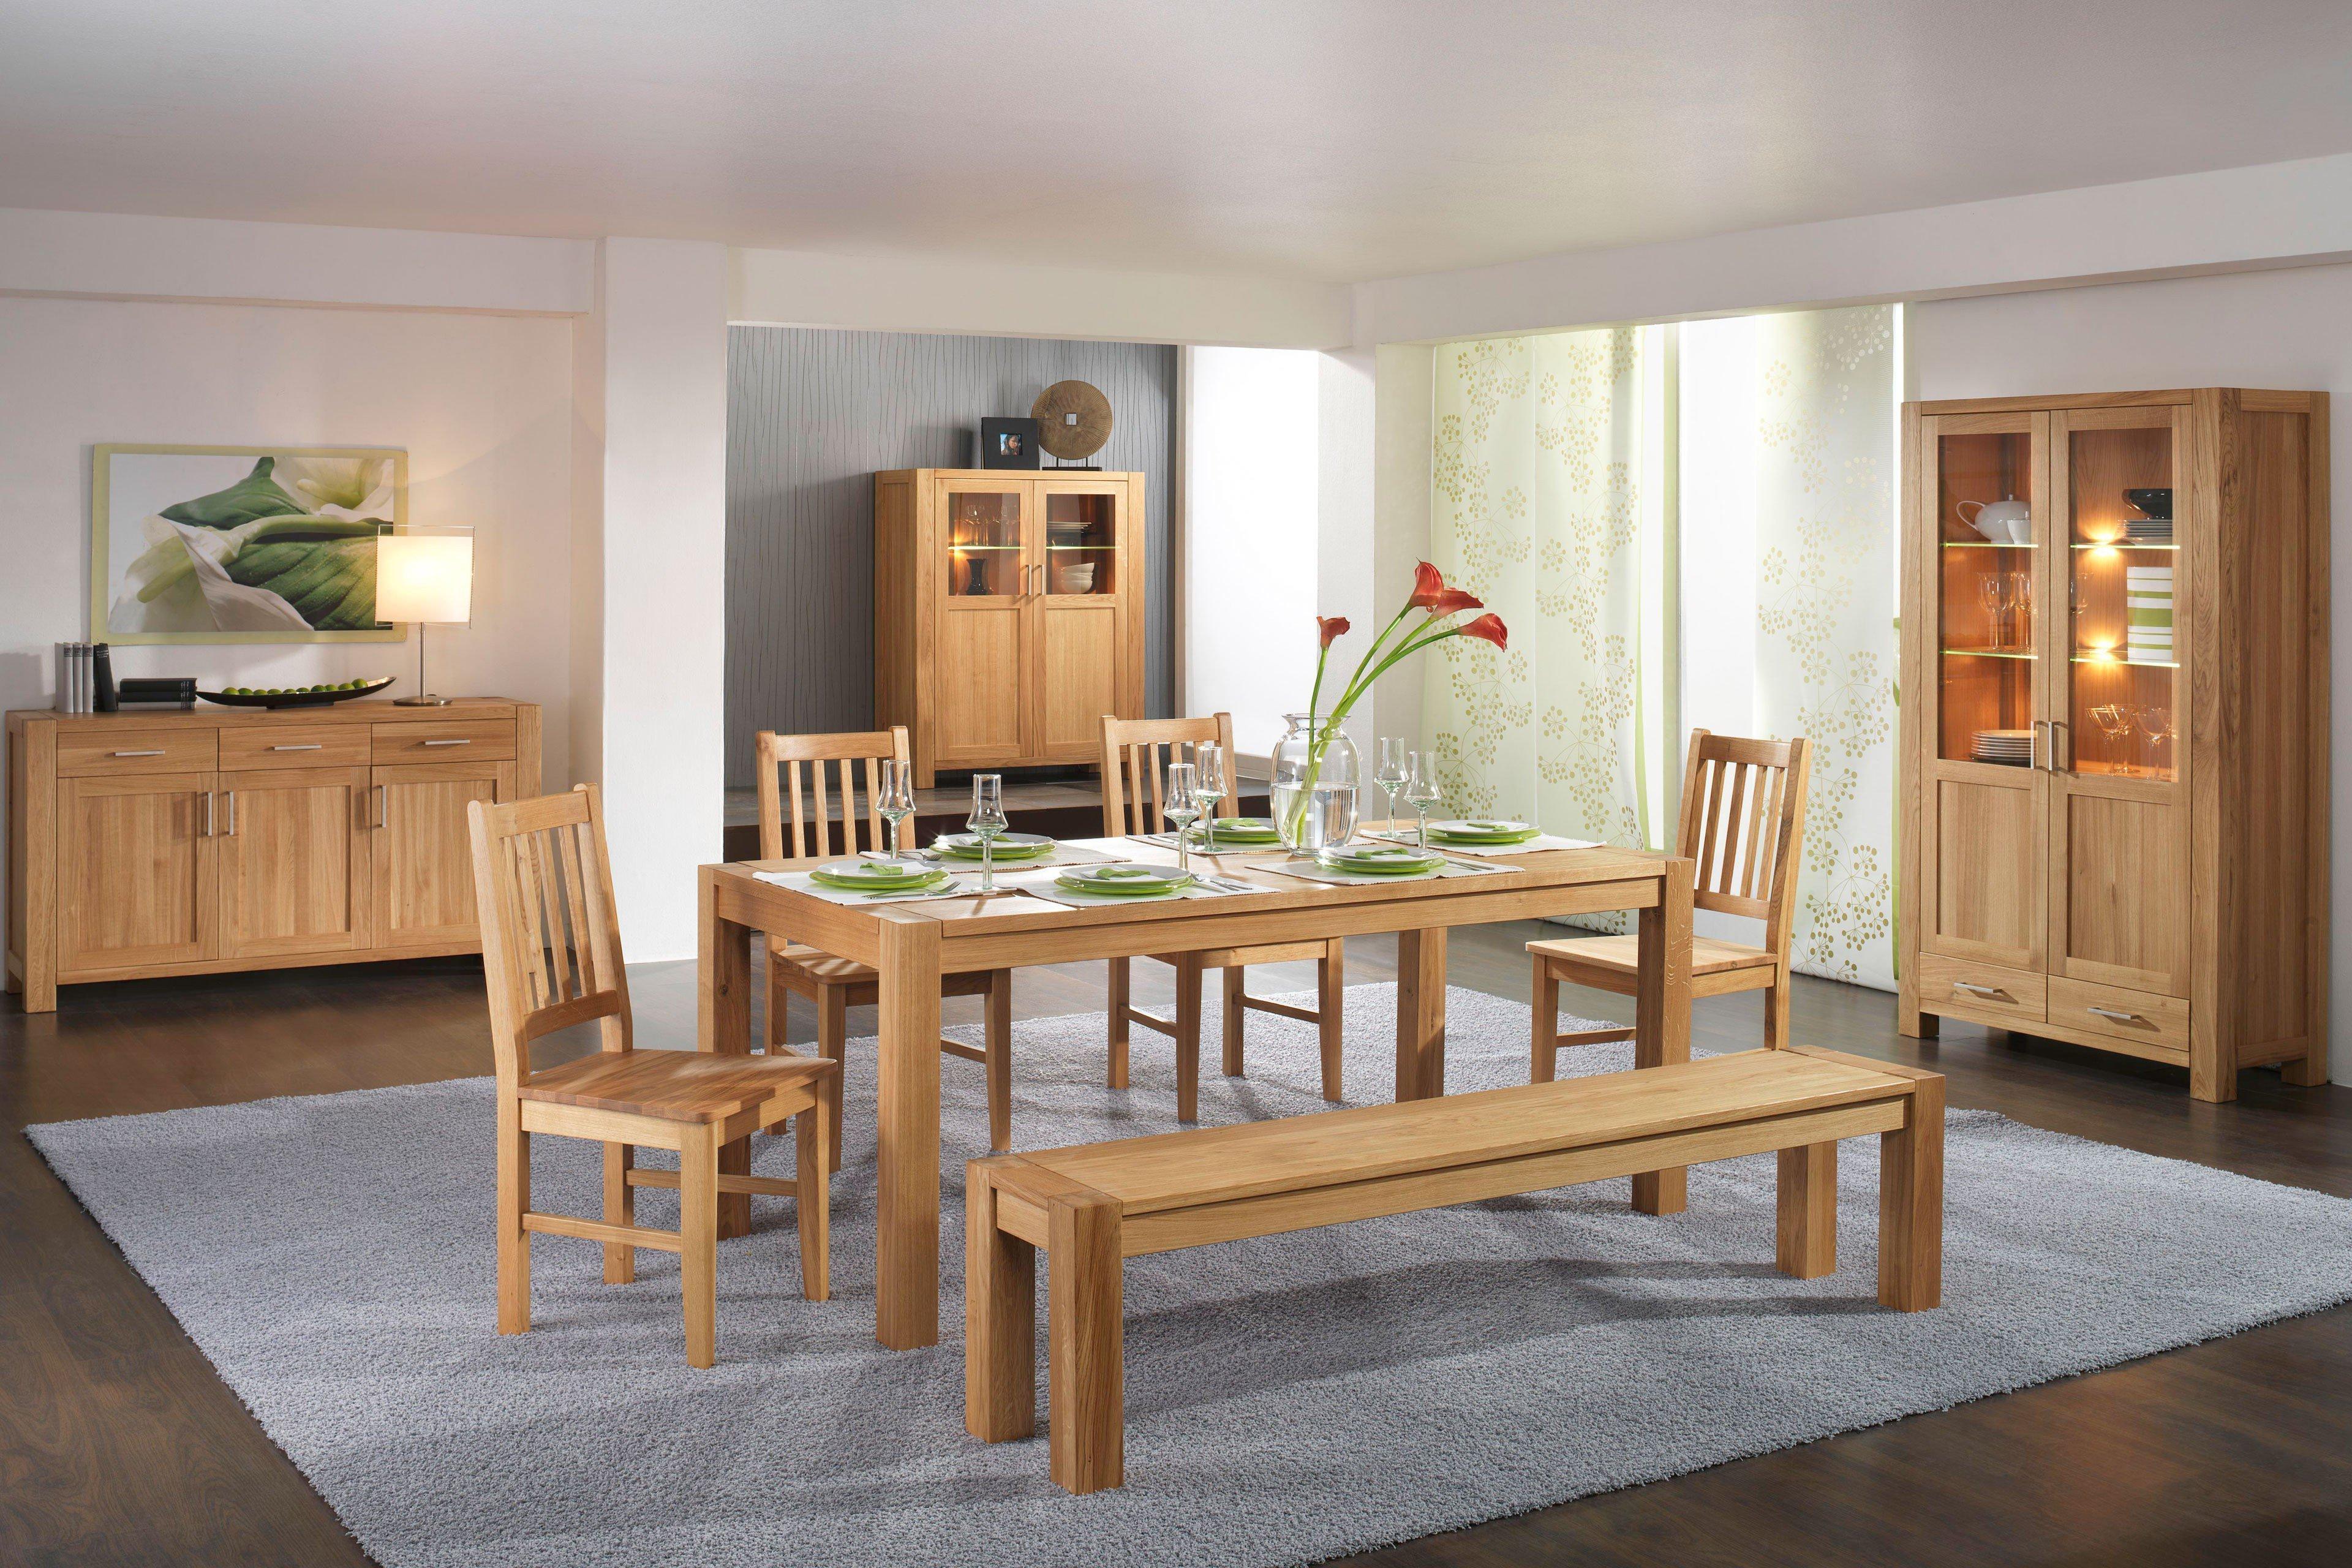 Esszimmer Von Dudinger   Tisch Lara/ Sabine U0026 Stuhl Lisa